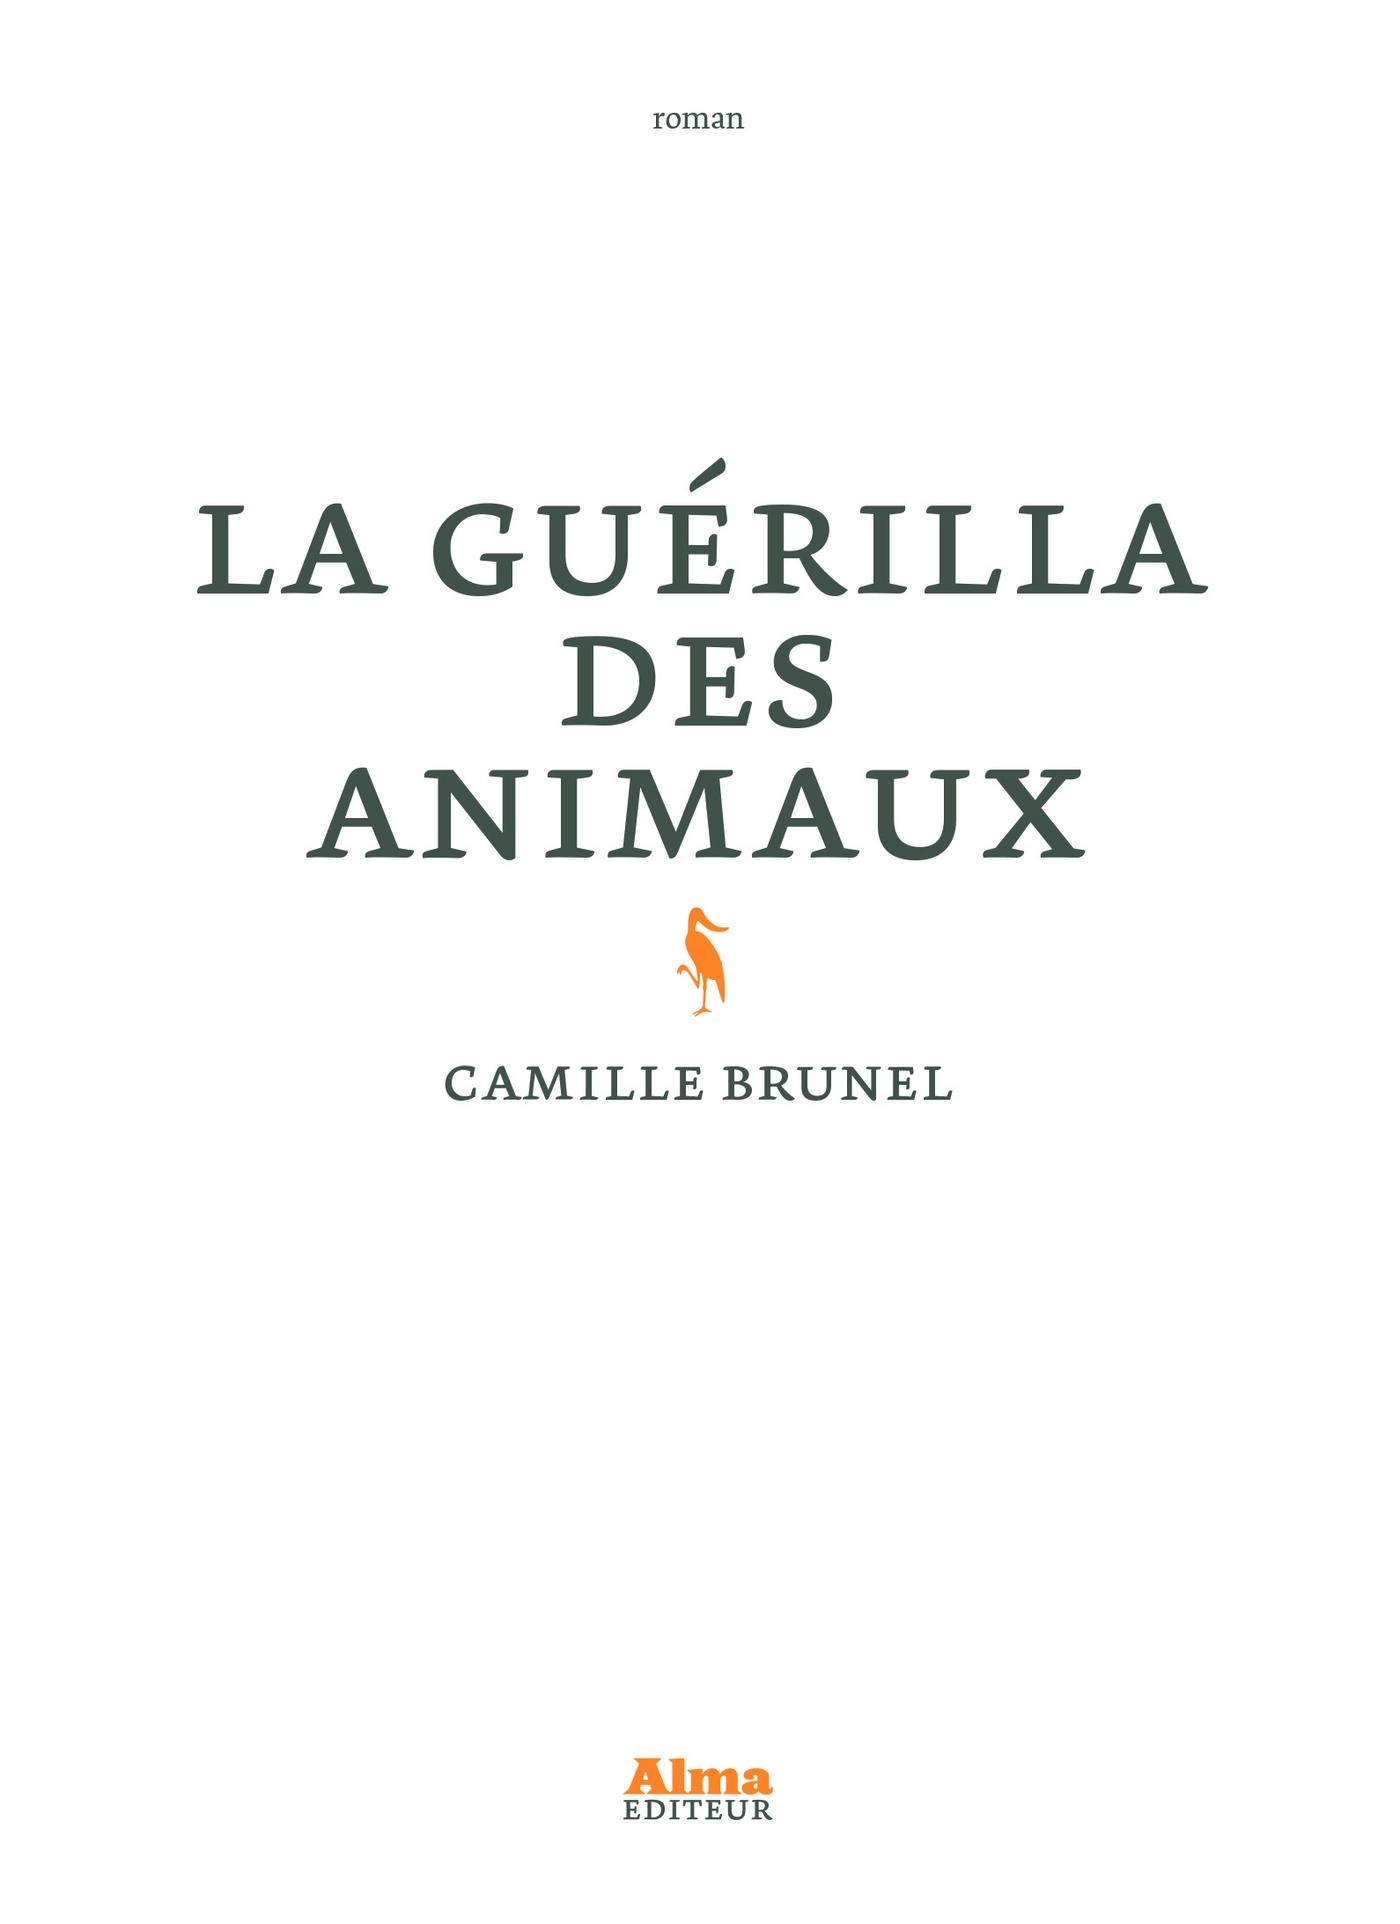 La guérilla des animaux | Brunel, Camille